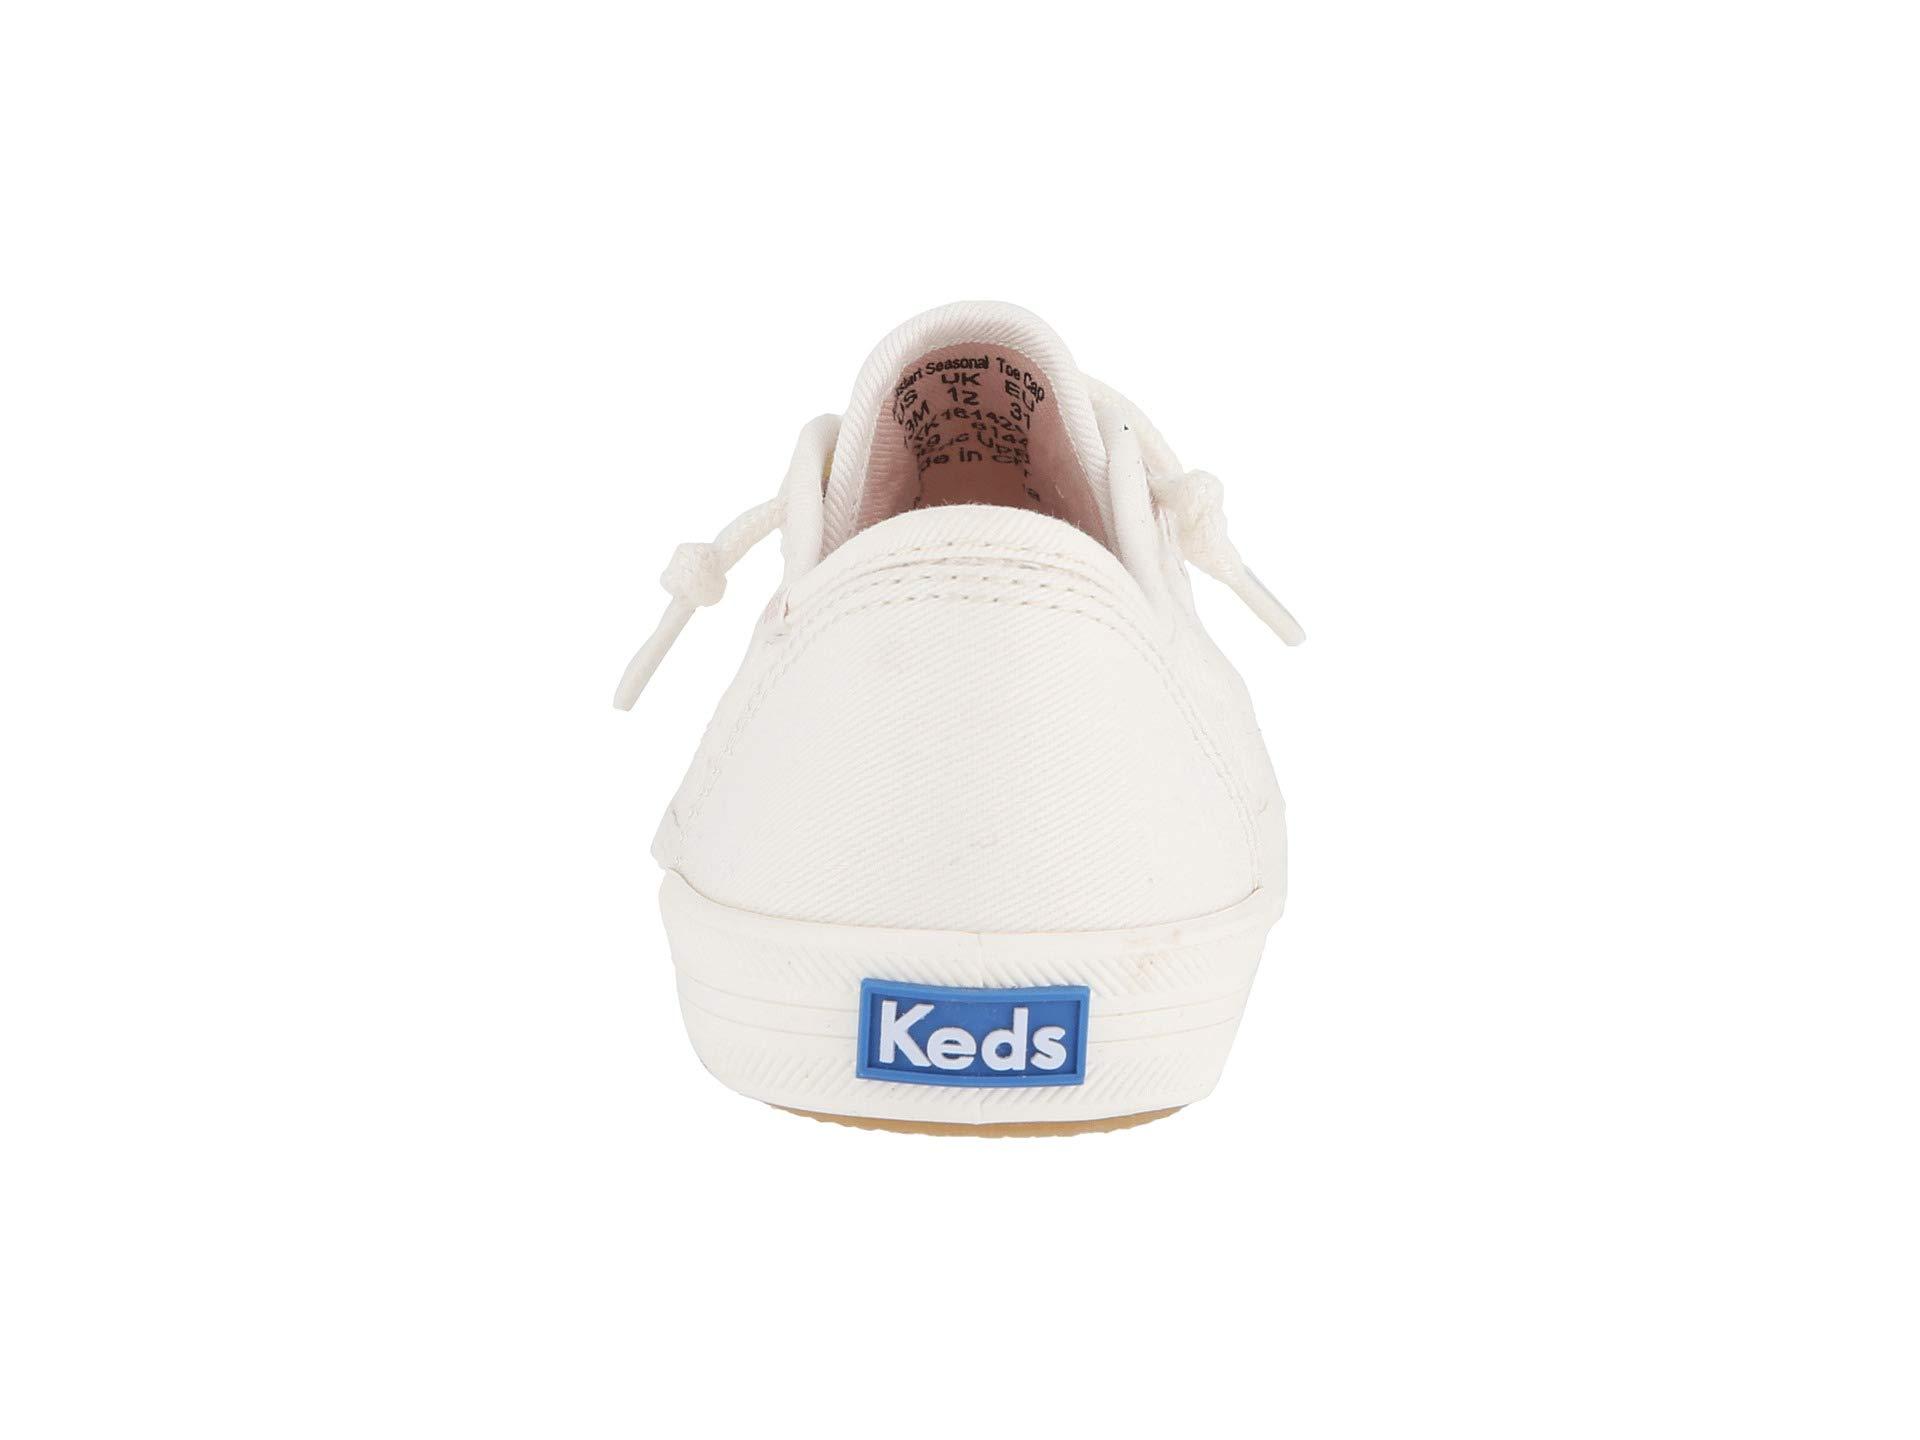 Кикстарт Сезонный Toe Cap (Маленький ребенок / Большой ребенок) Keds Kids